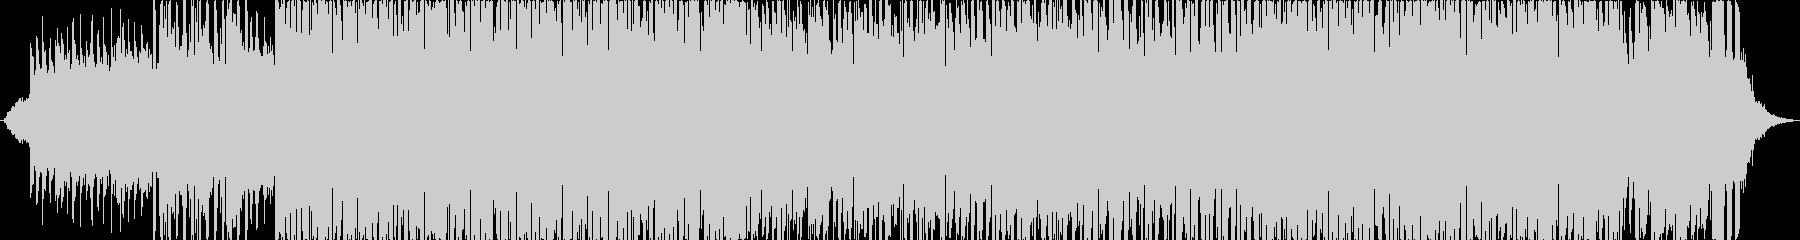 トロピカルポップミュージックの未再生の波形